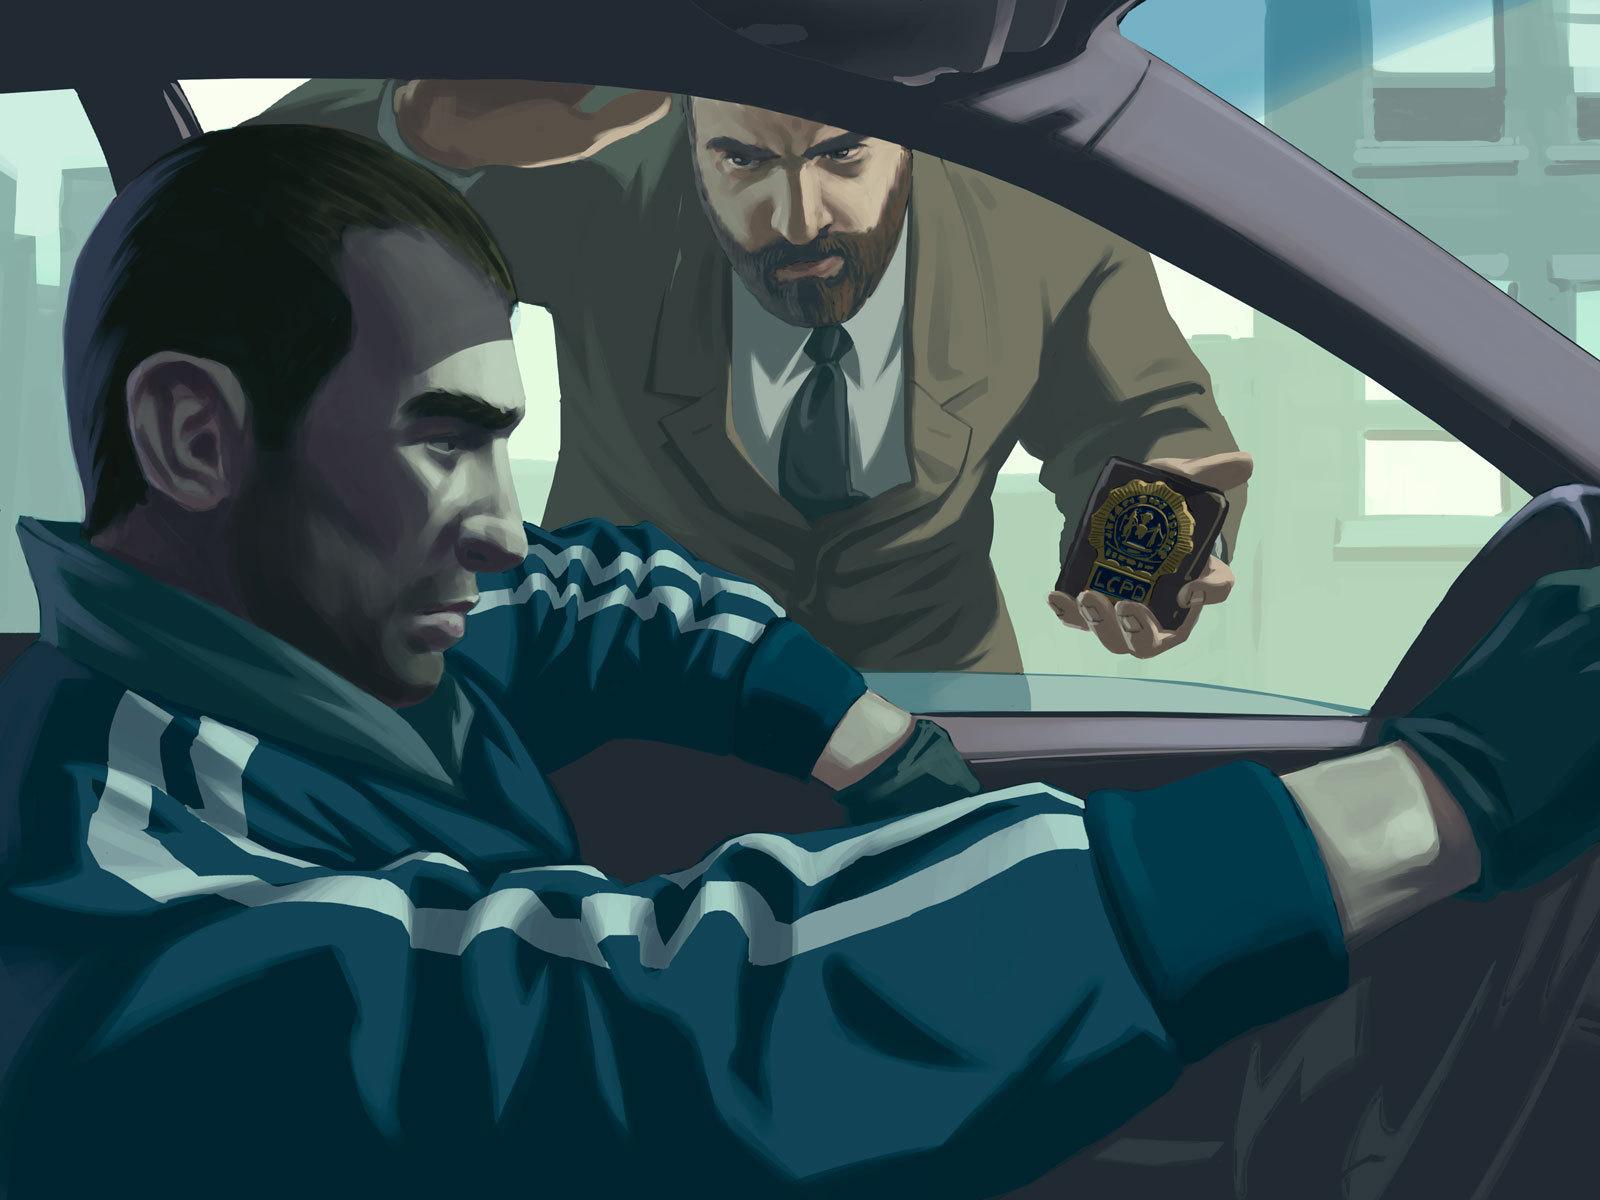 Grand Theft Auto IV GTA IV 1600x1200